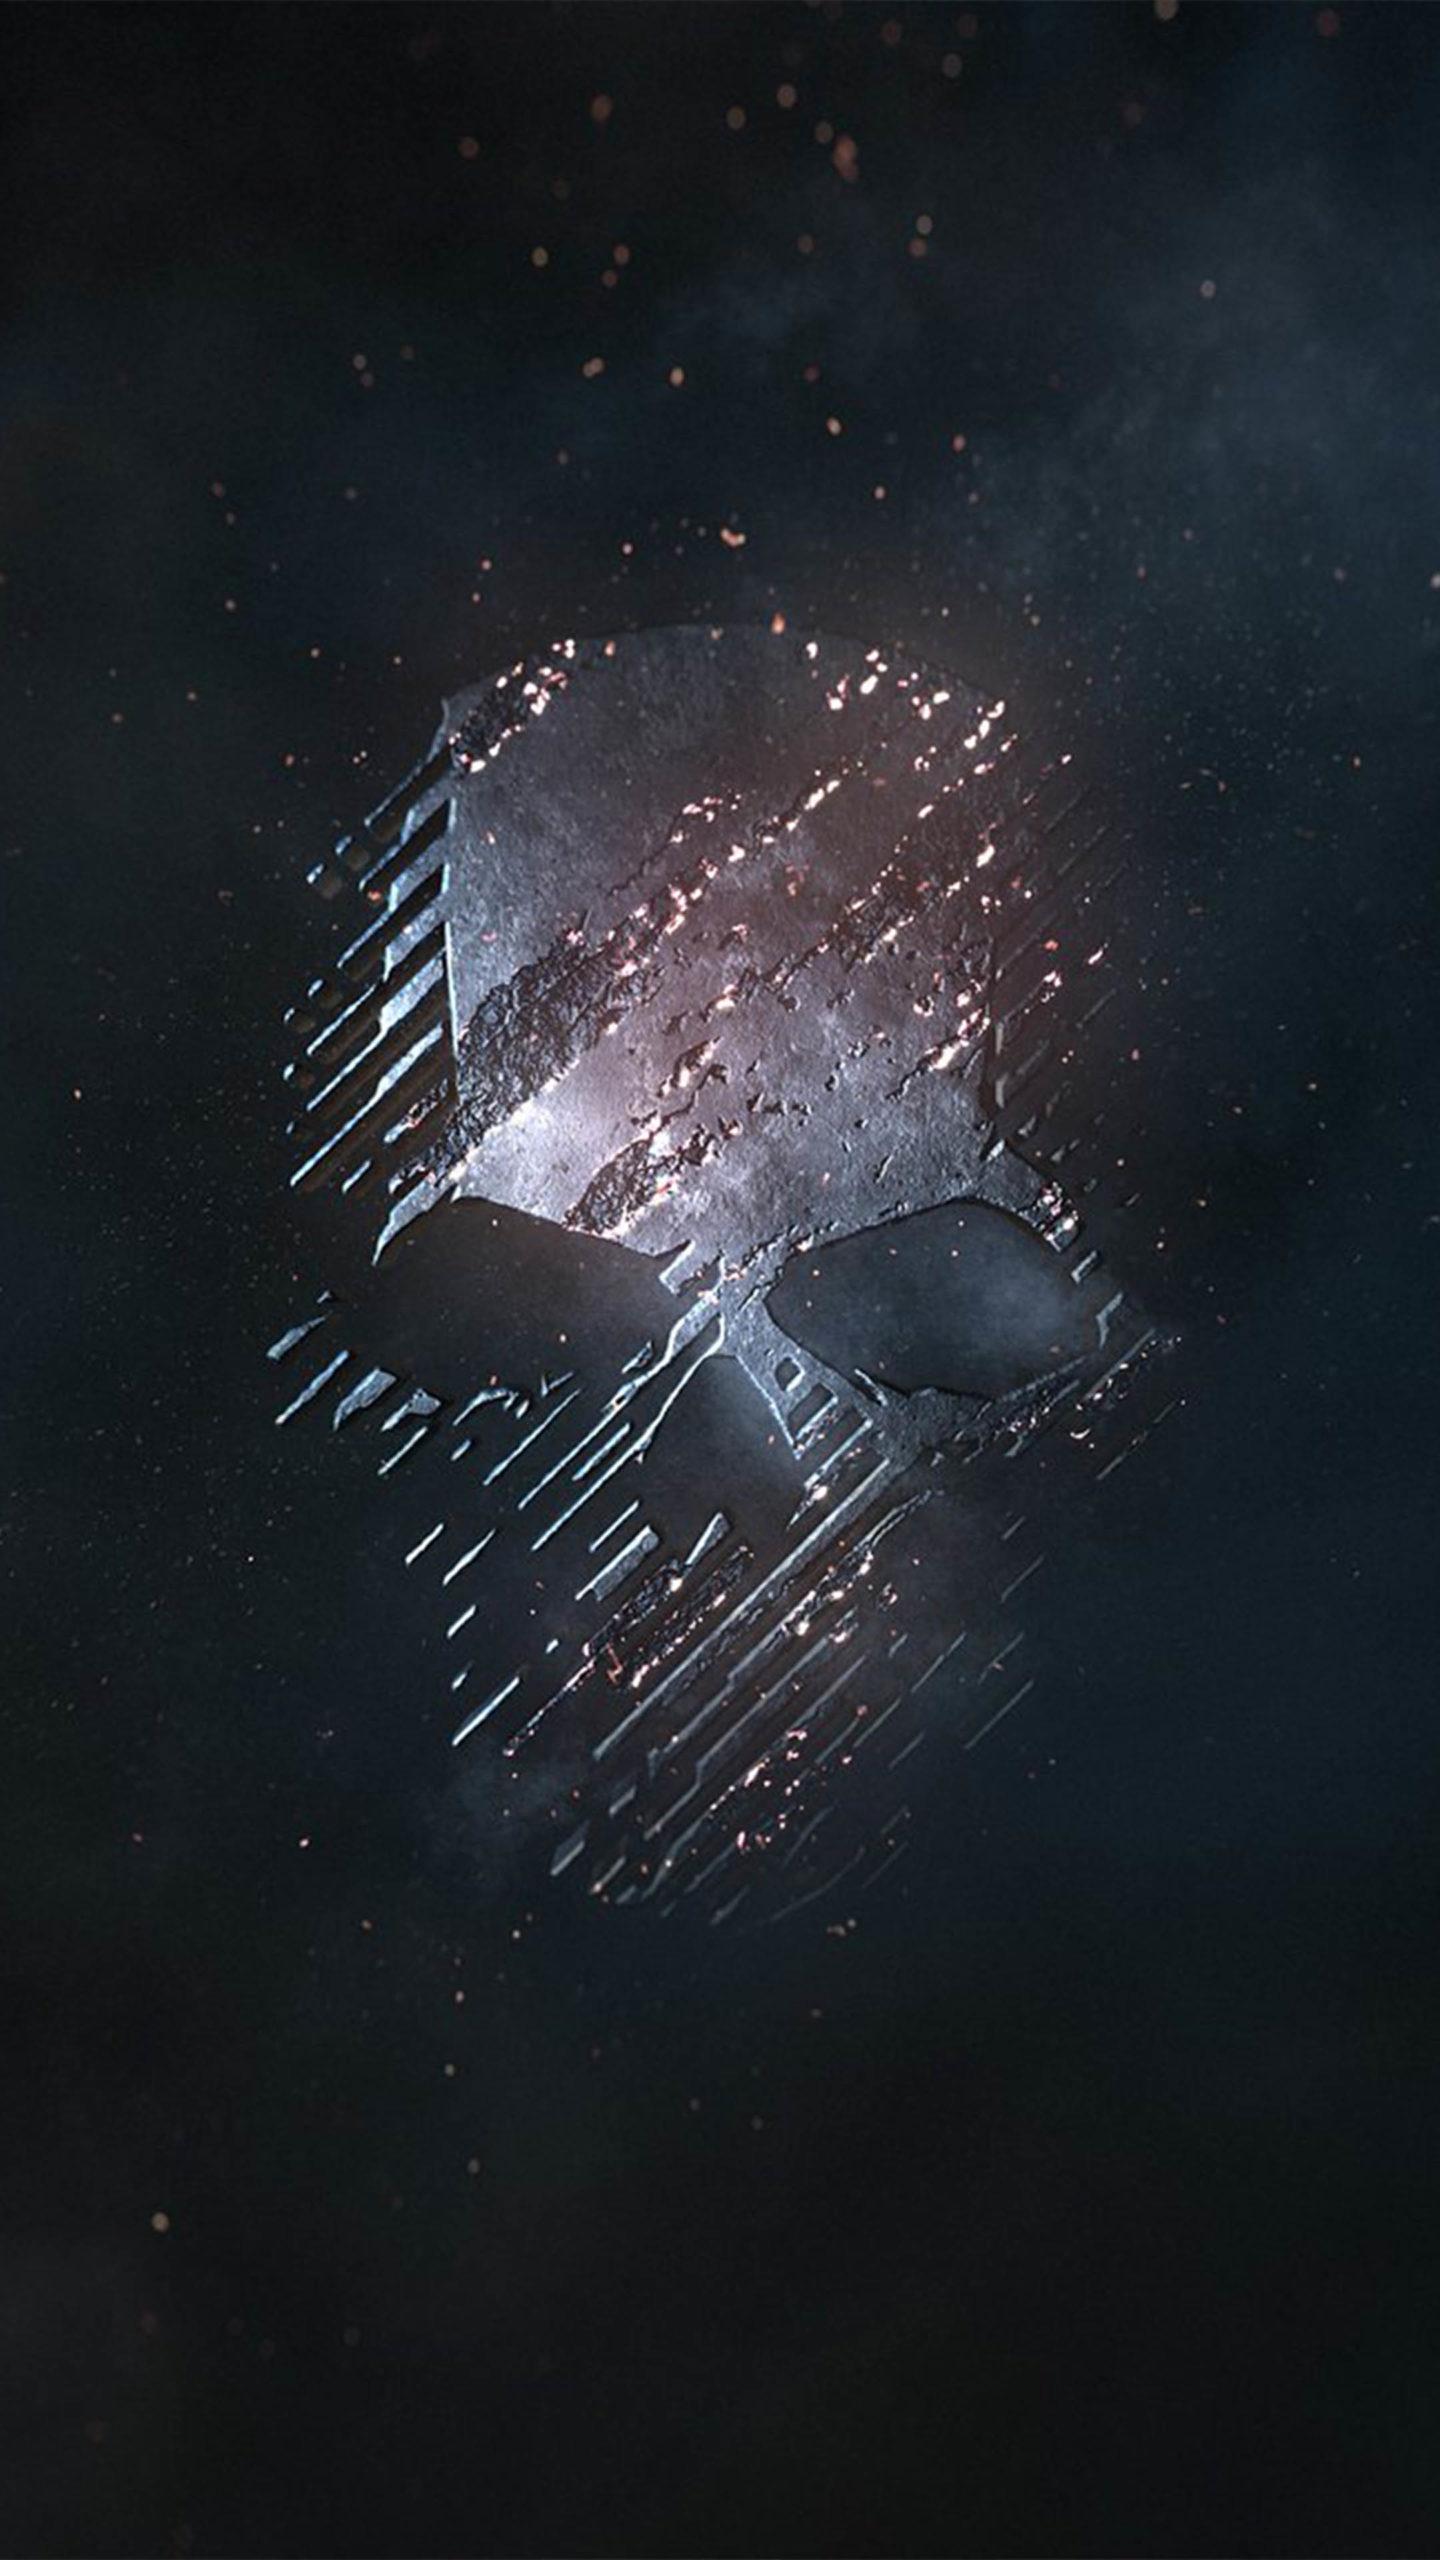 Ghost Recon Breakpoint Logo Free 4K Ultra HD Mobile Wallpaper